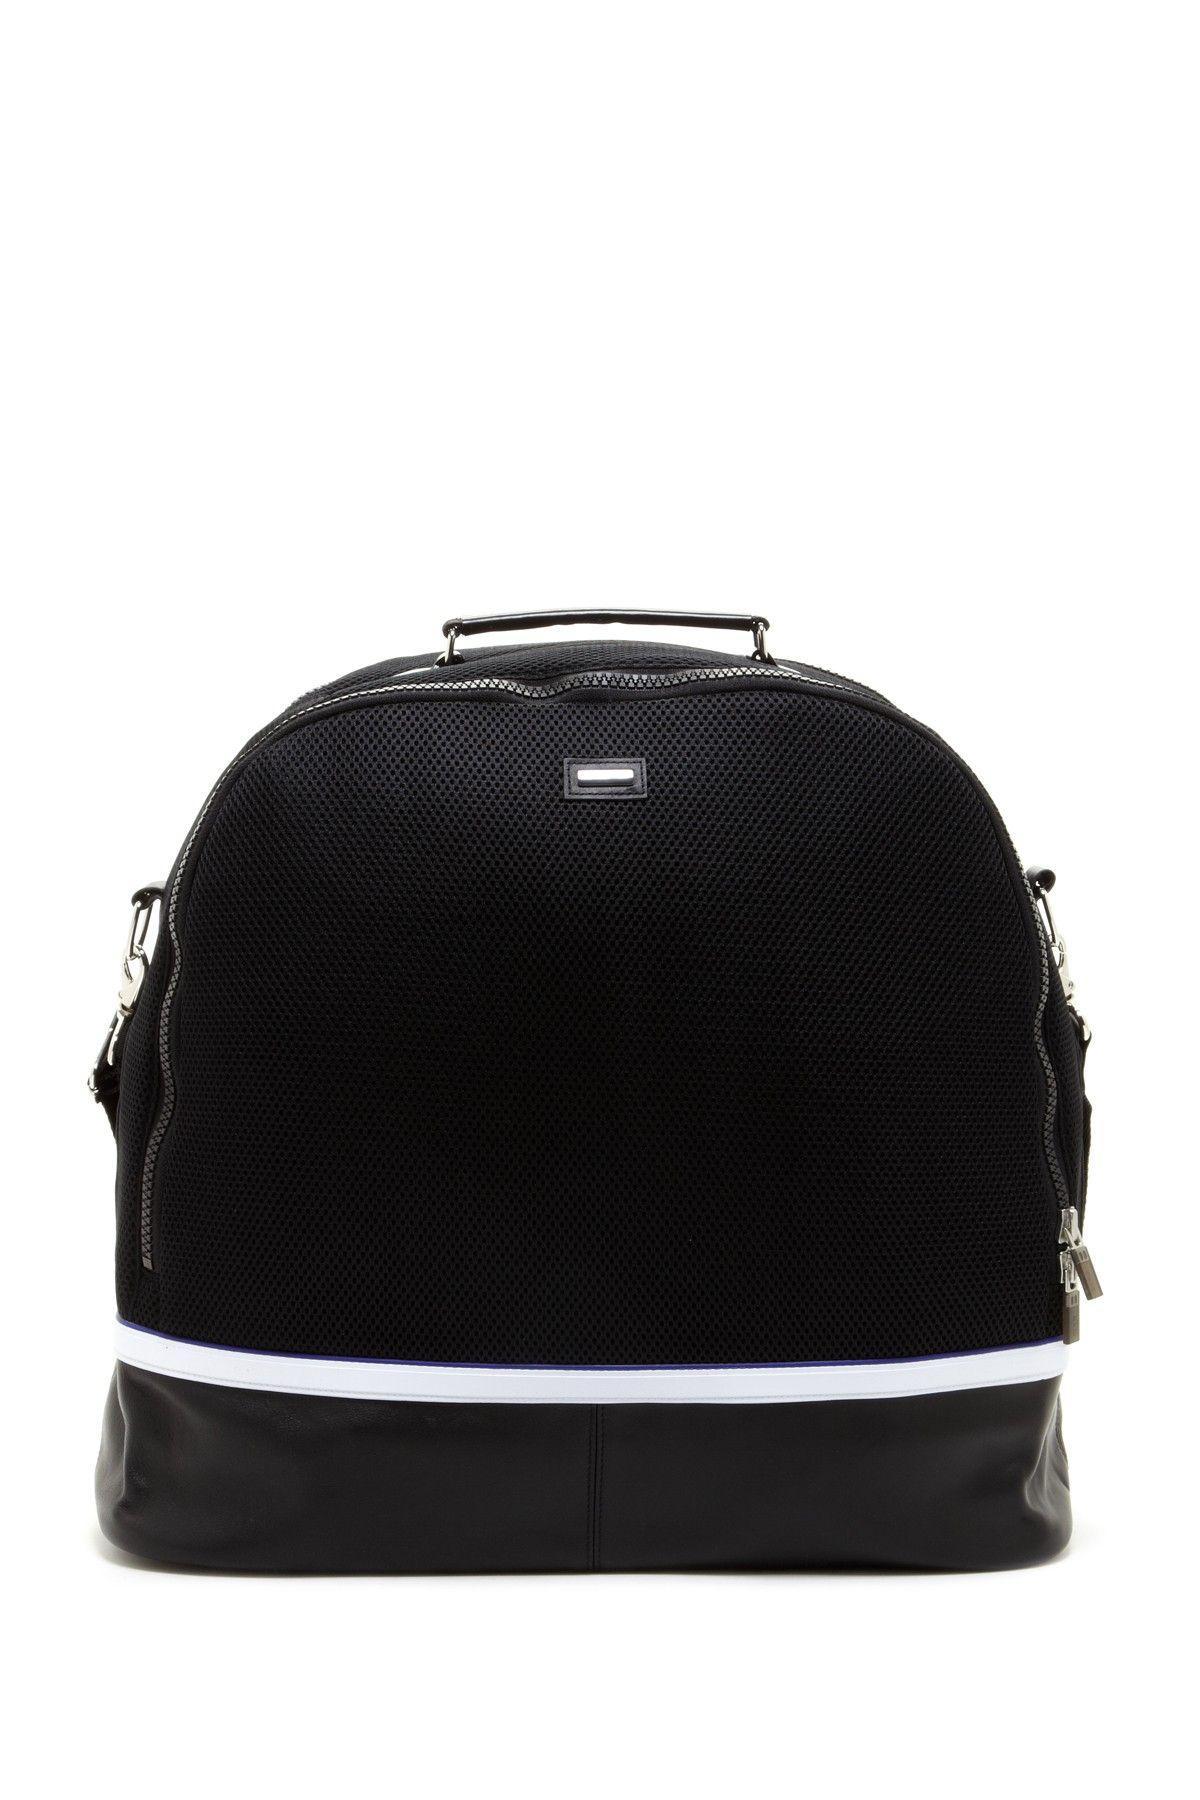 adidas Mesh Handle Bag on HauteLook